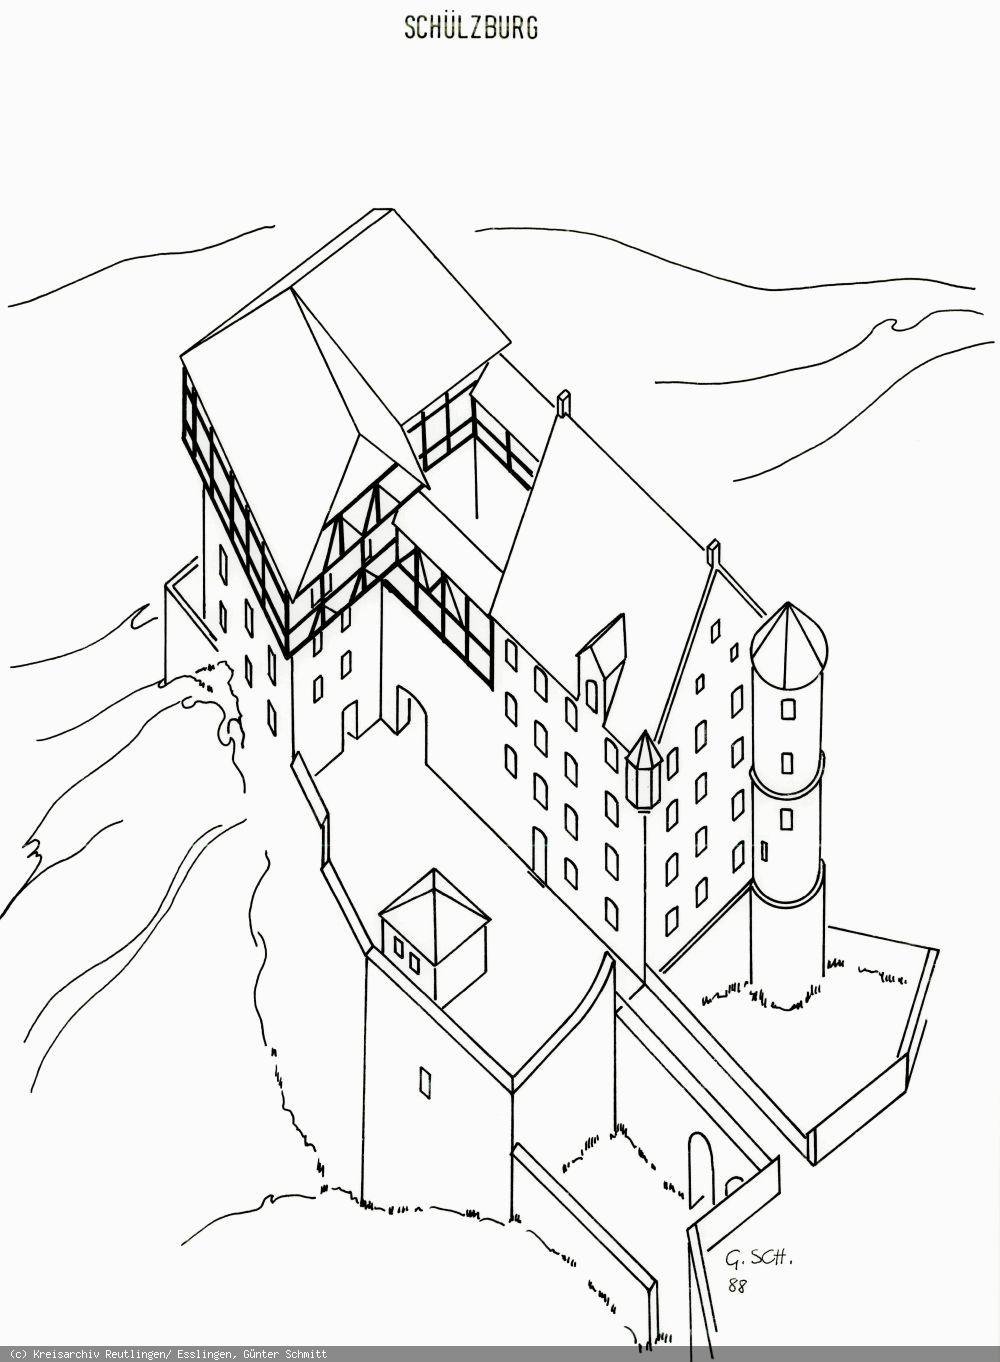 Rekonstruktion der Schülzburg